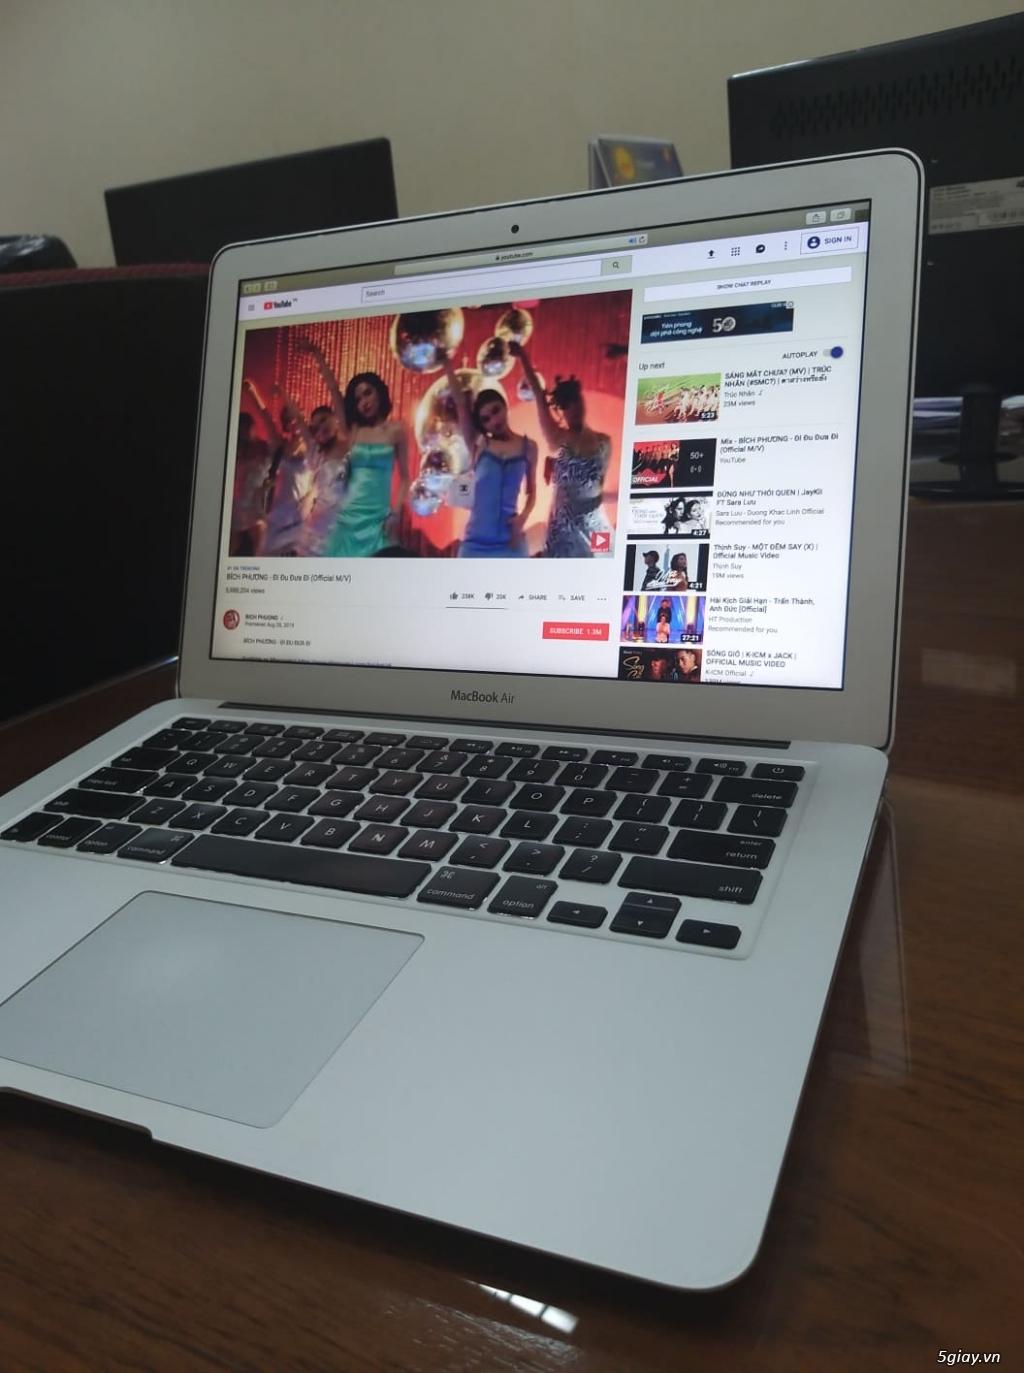 Cần bán: macbook air mid 2011 - 2